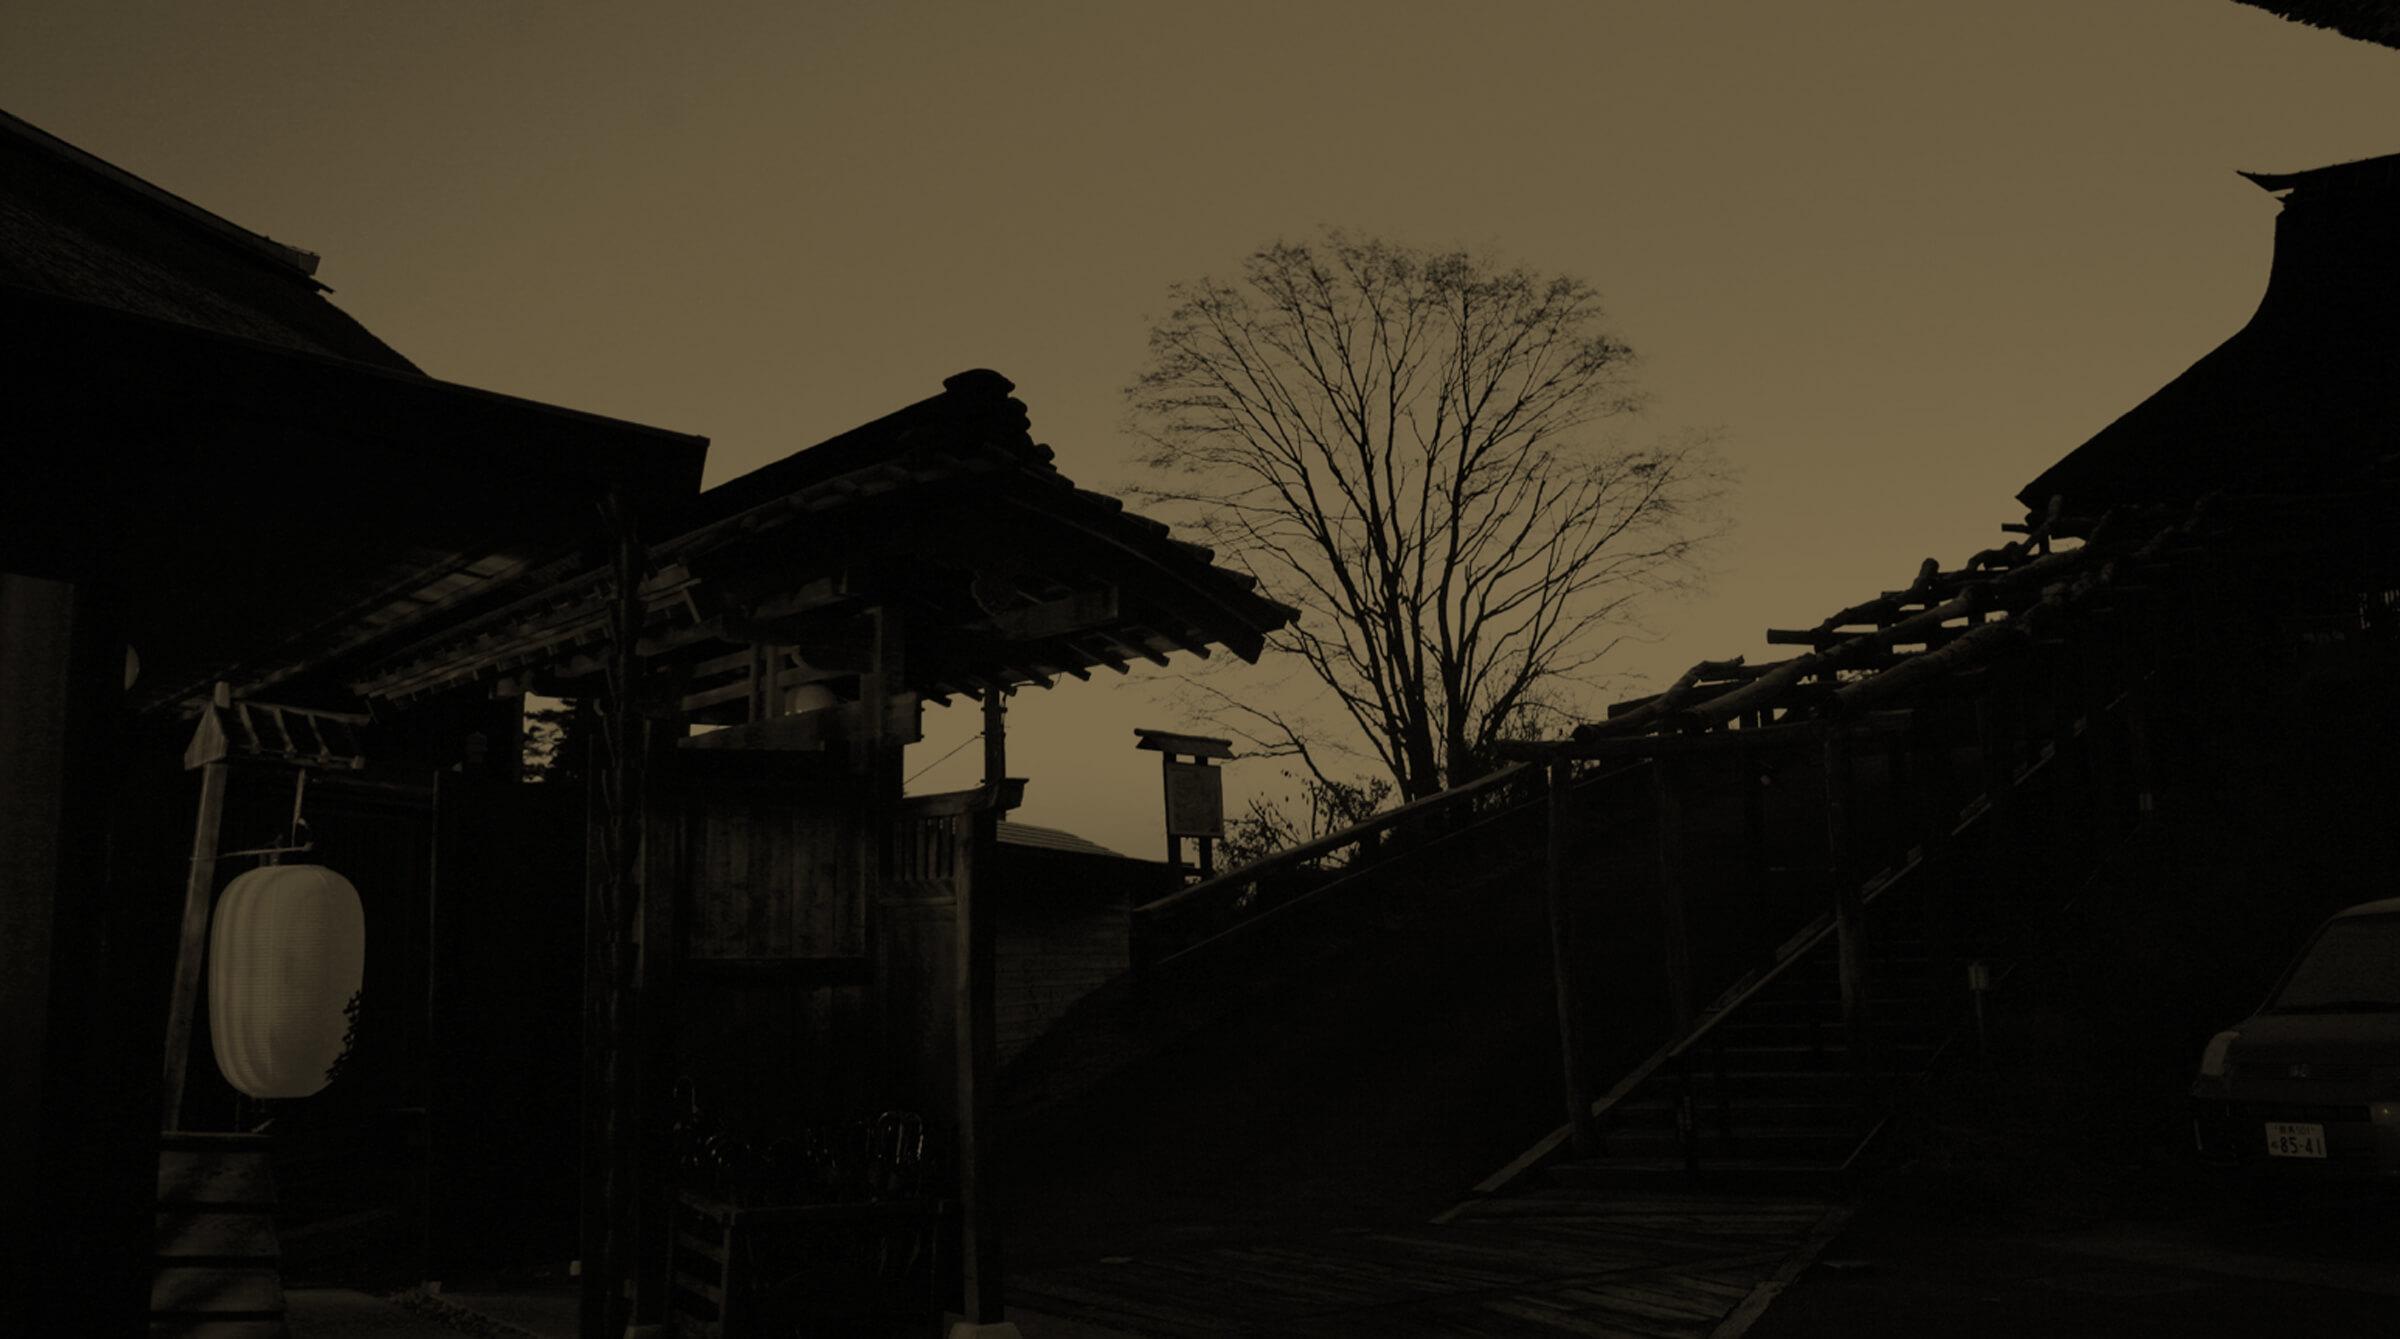 Honjin silhouette